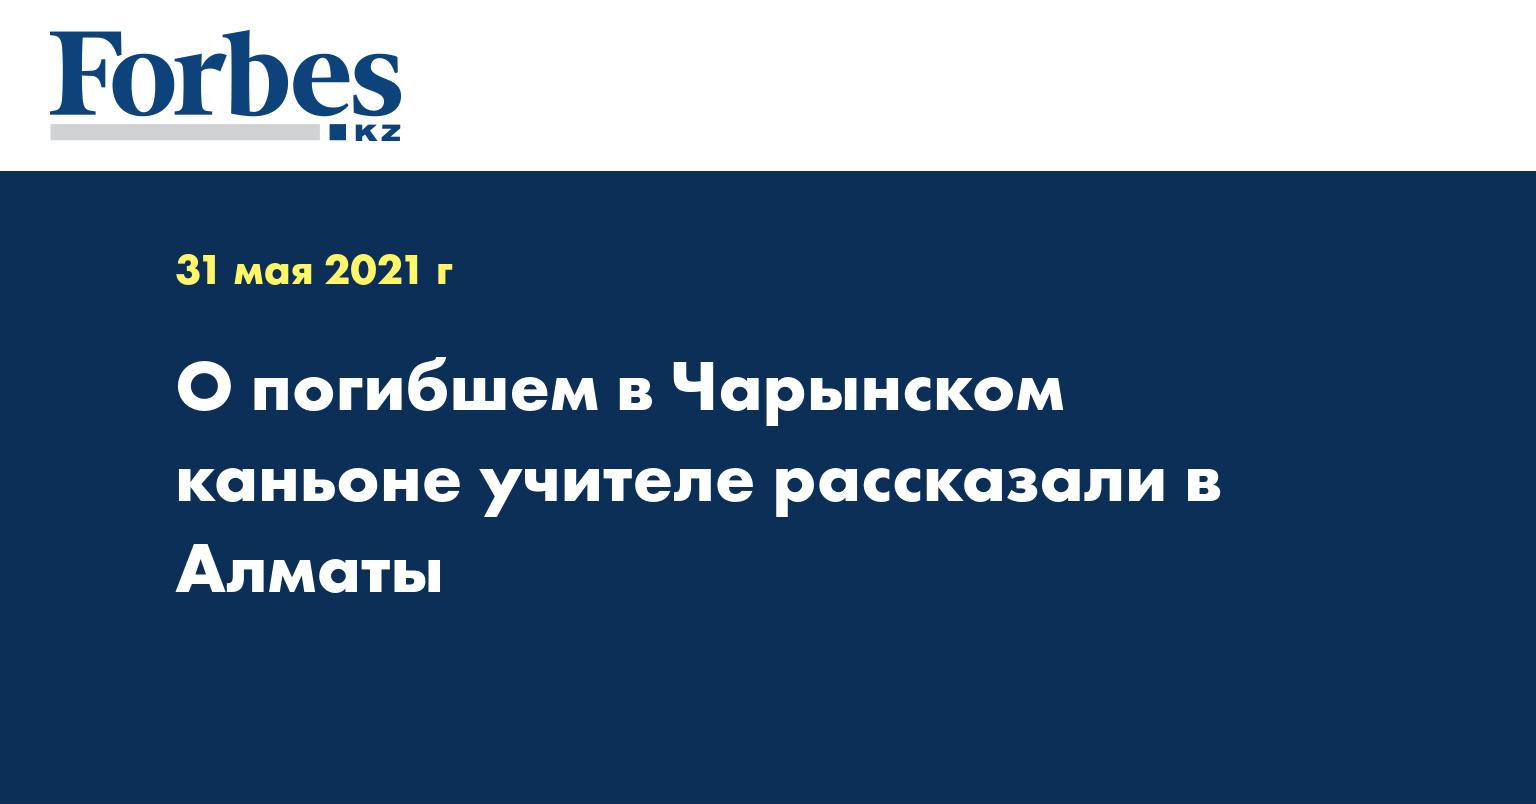 О погибшем в Чарынском каньоне учителе рассказали в Алматы